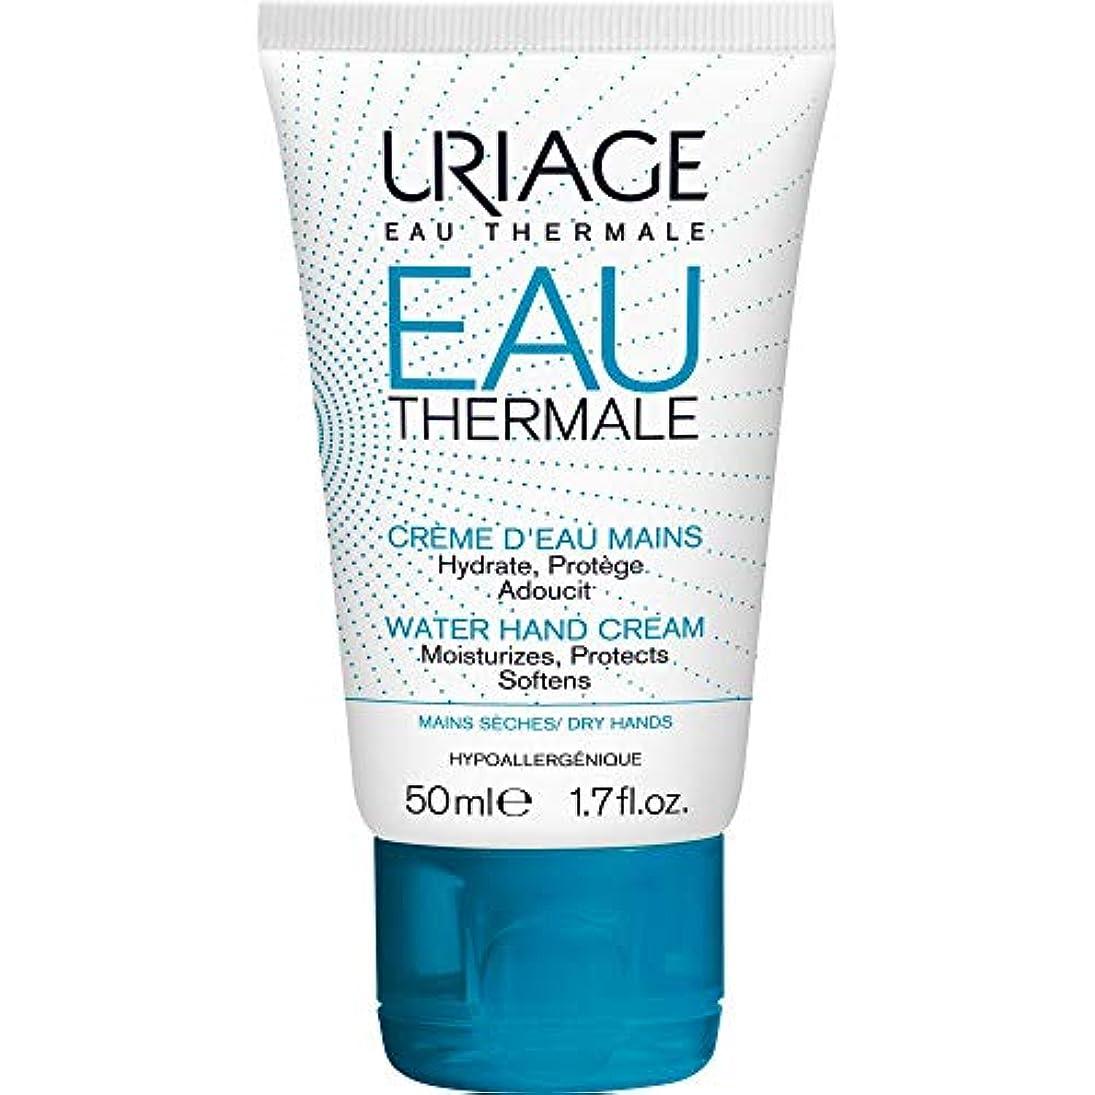 研究所エクスタシー滑る[Uriage] UriageオーThermale水ハンドクリーム50Ml - Uriage Eau Thermale Water Hand Cream 50ml [並行輸入品]